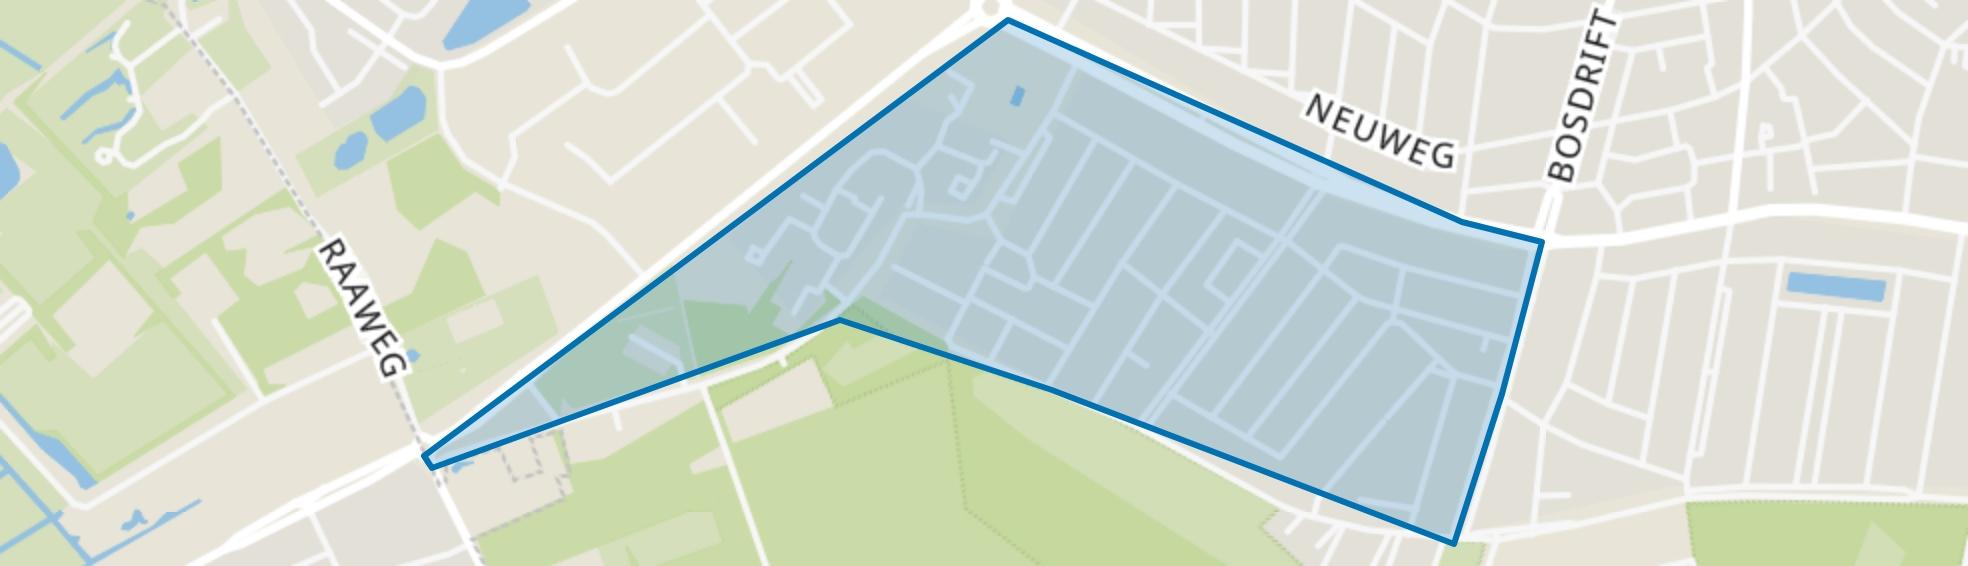 Zeeheldenkwartier, Hilversum map